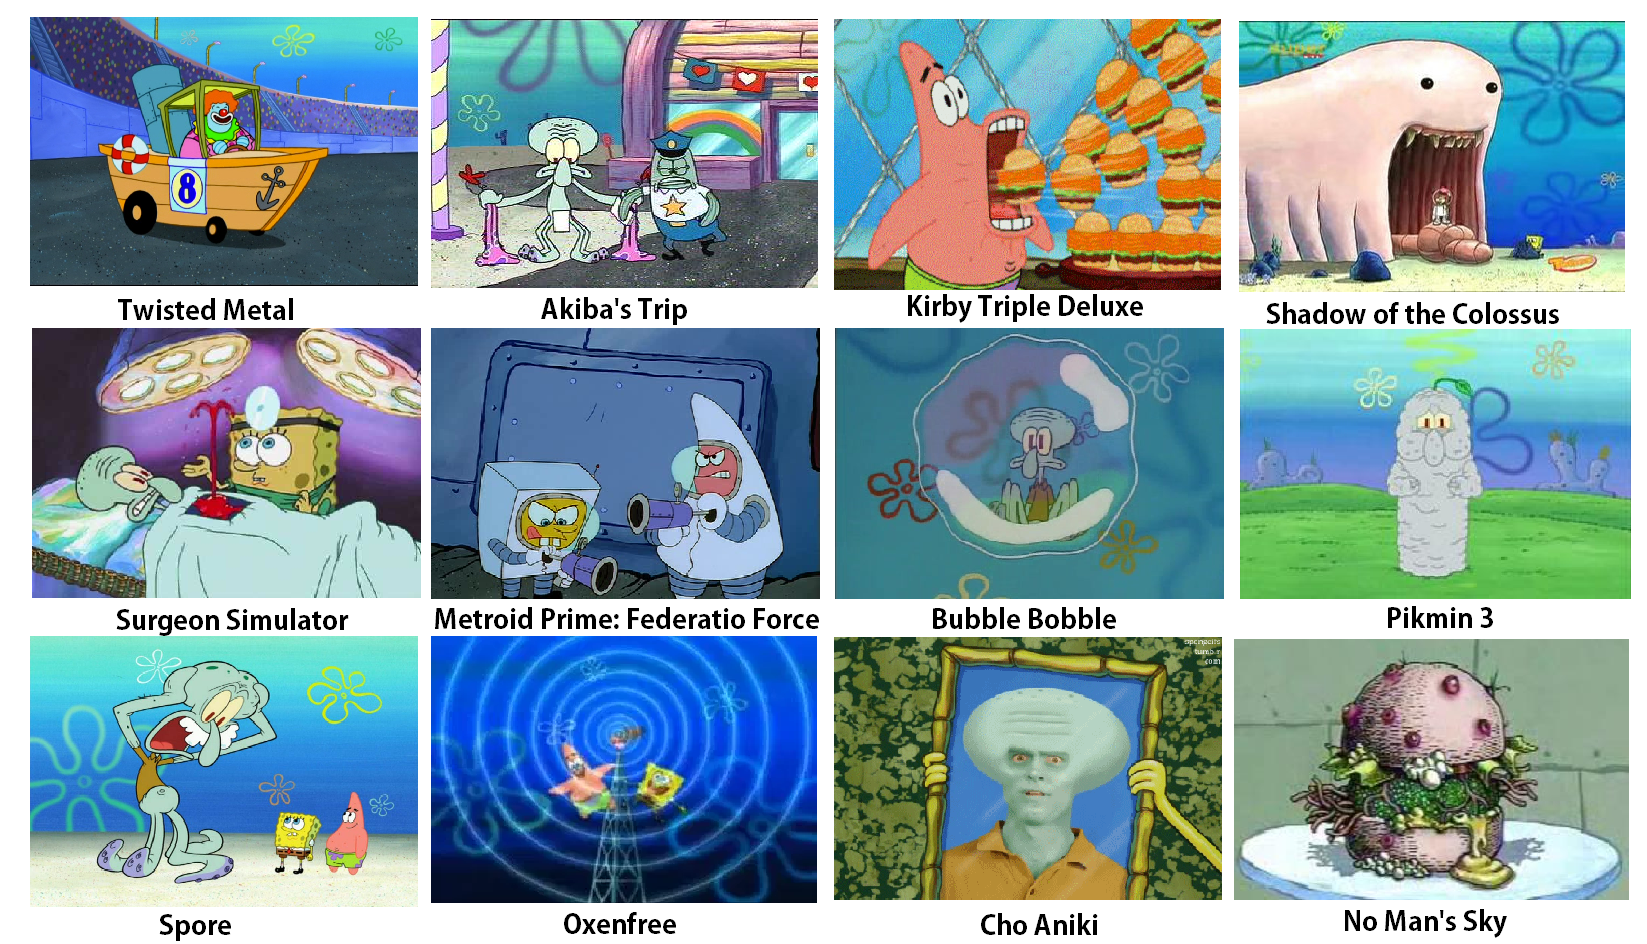 Spongebob Video Games Comparison Spongebob Comparison Charts Know Your Meme